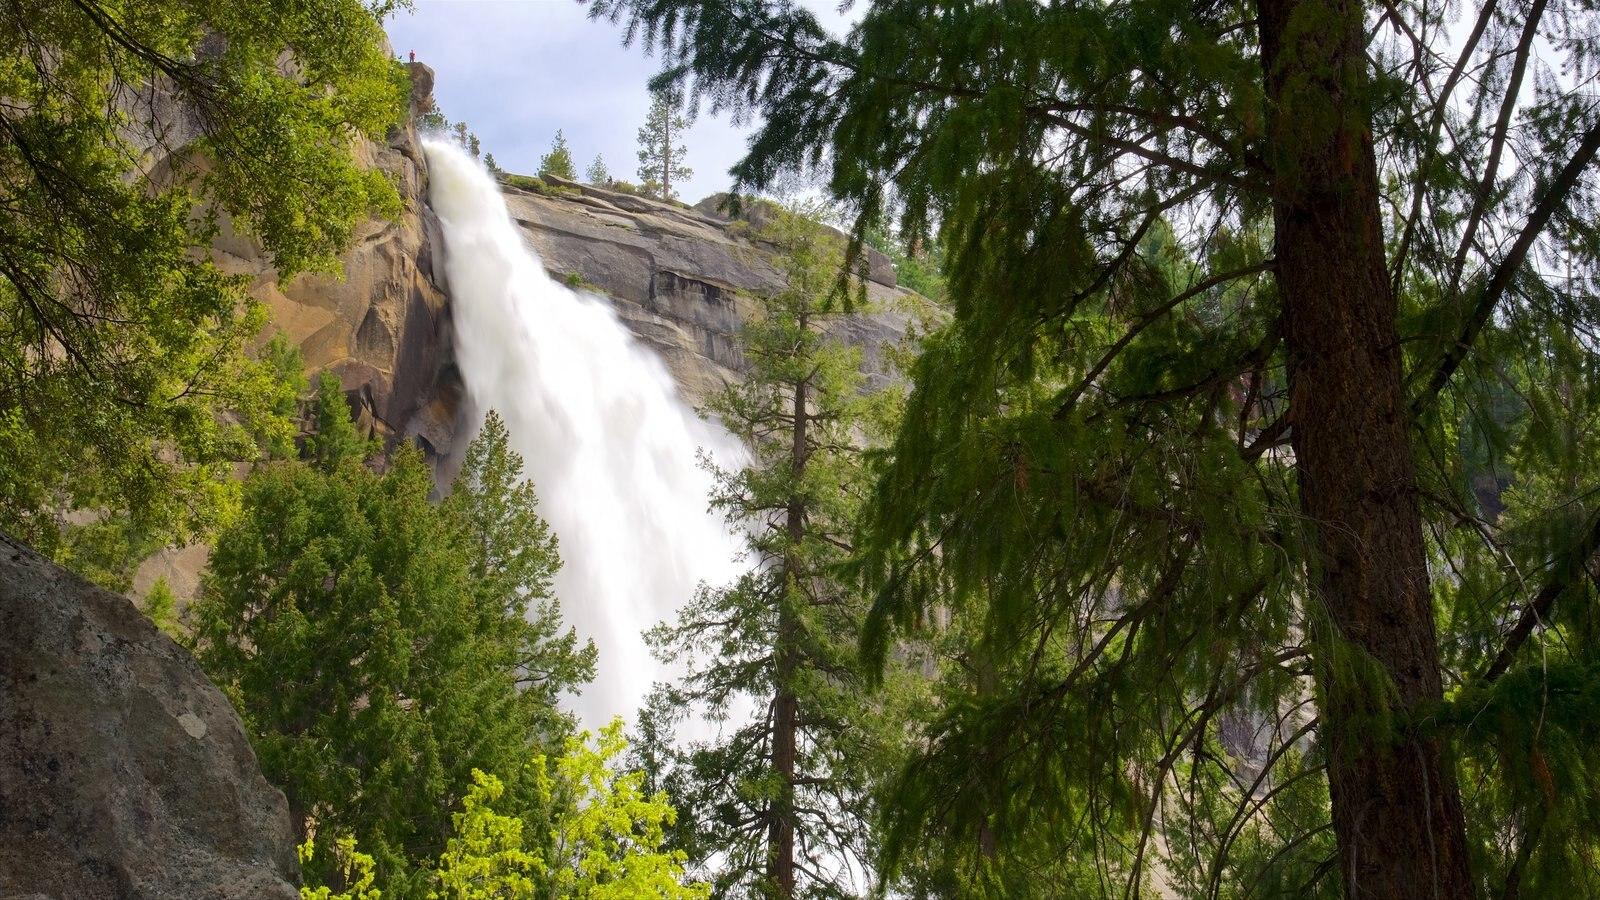 Nevada Falls caracterizando uma cachoeira e florestas